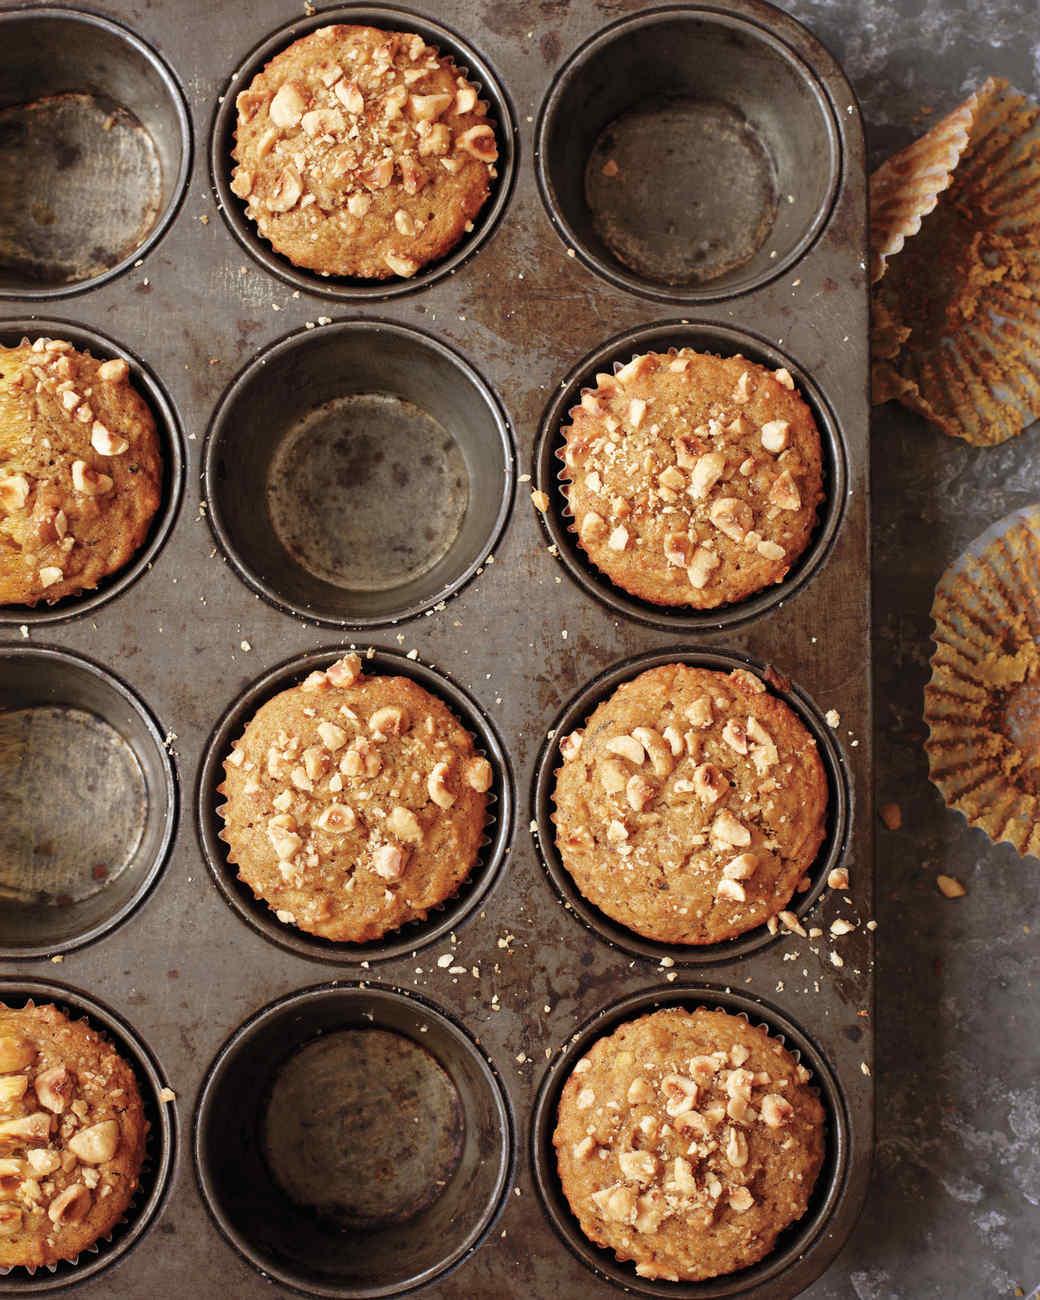 aran-goyoaga-muffins-mbd109086.jpg